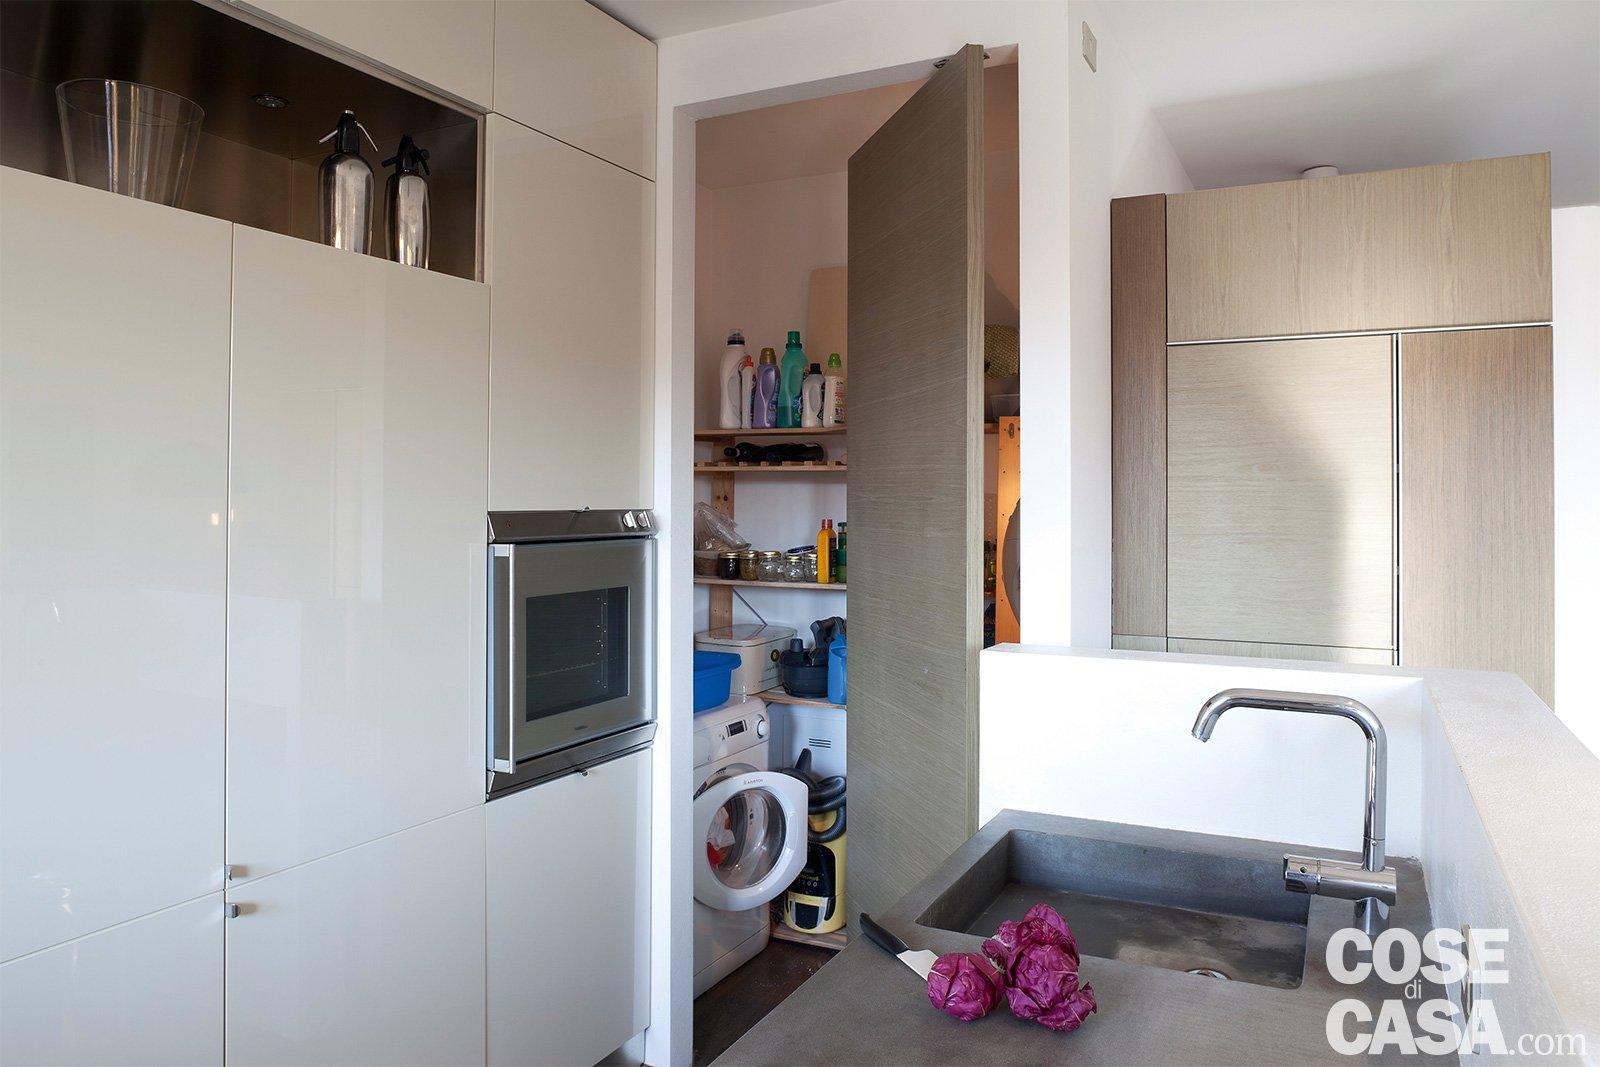 Una casa di 65 mq con volumi funzionali e originali quinte for Creare cose in casa